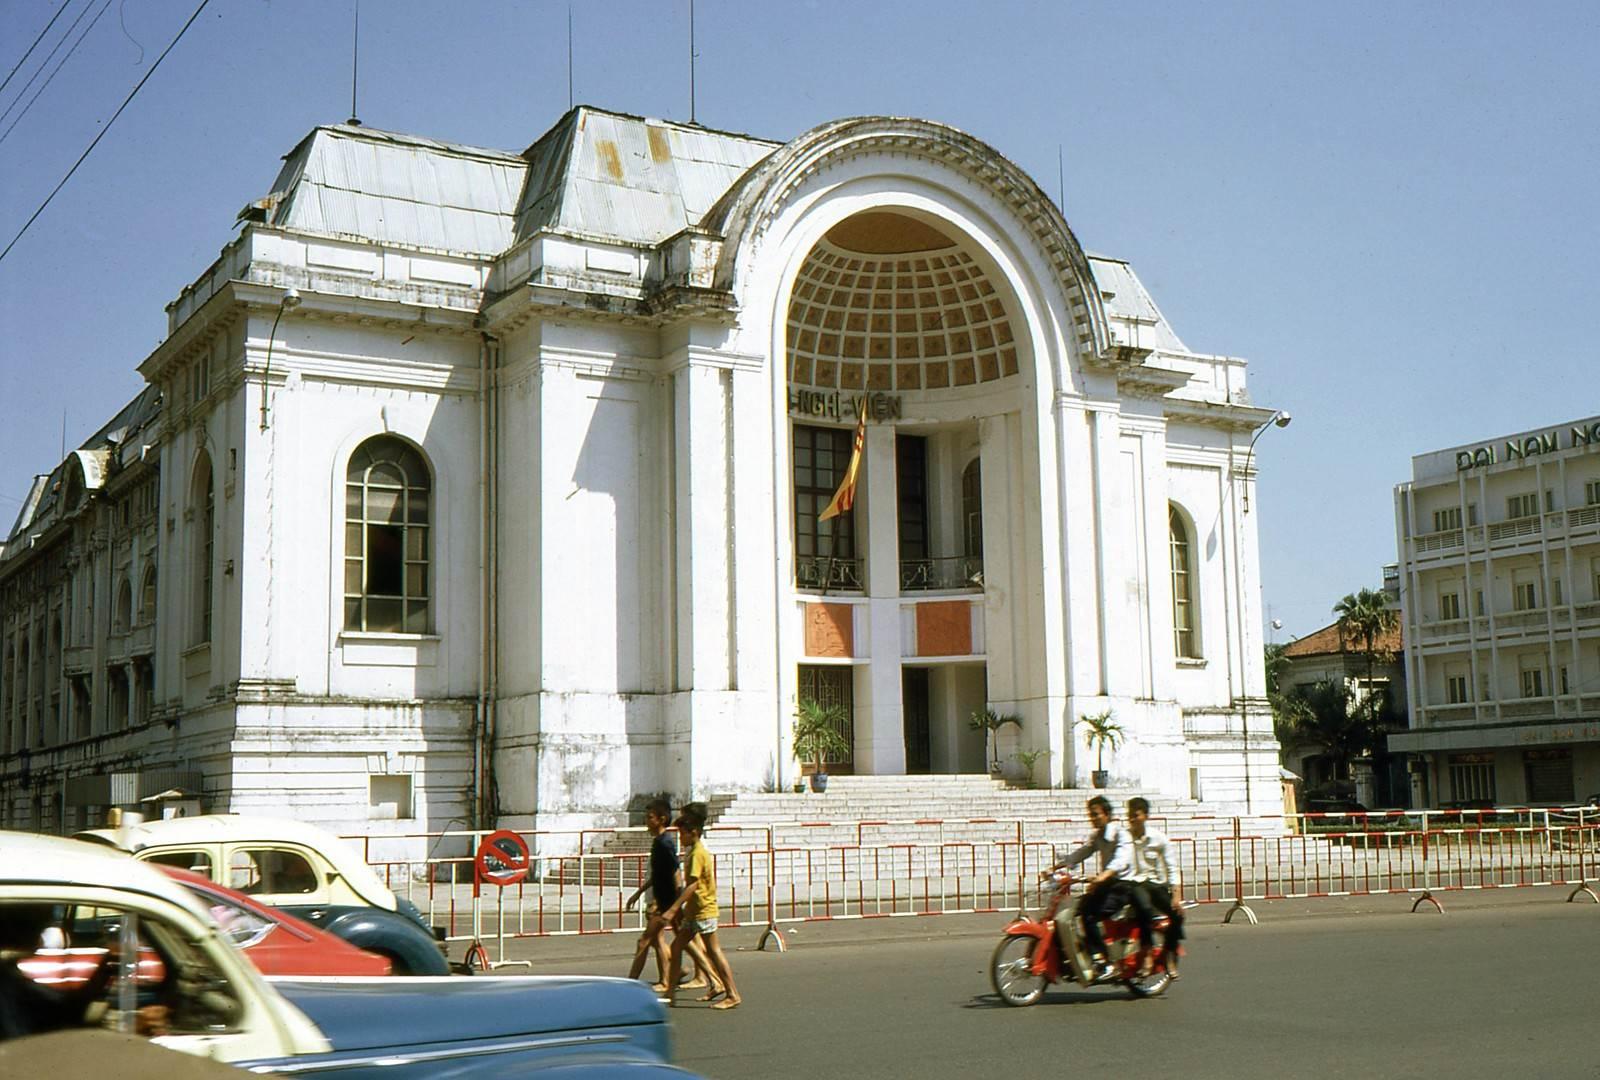 Hạ Nghị Viện Việt Nam Cộng Hòa được chụp vào năm 1969. Ảnh Frederick S. Moore